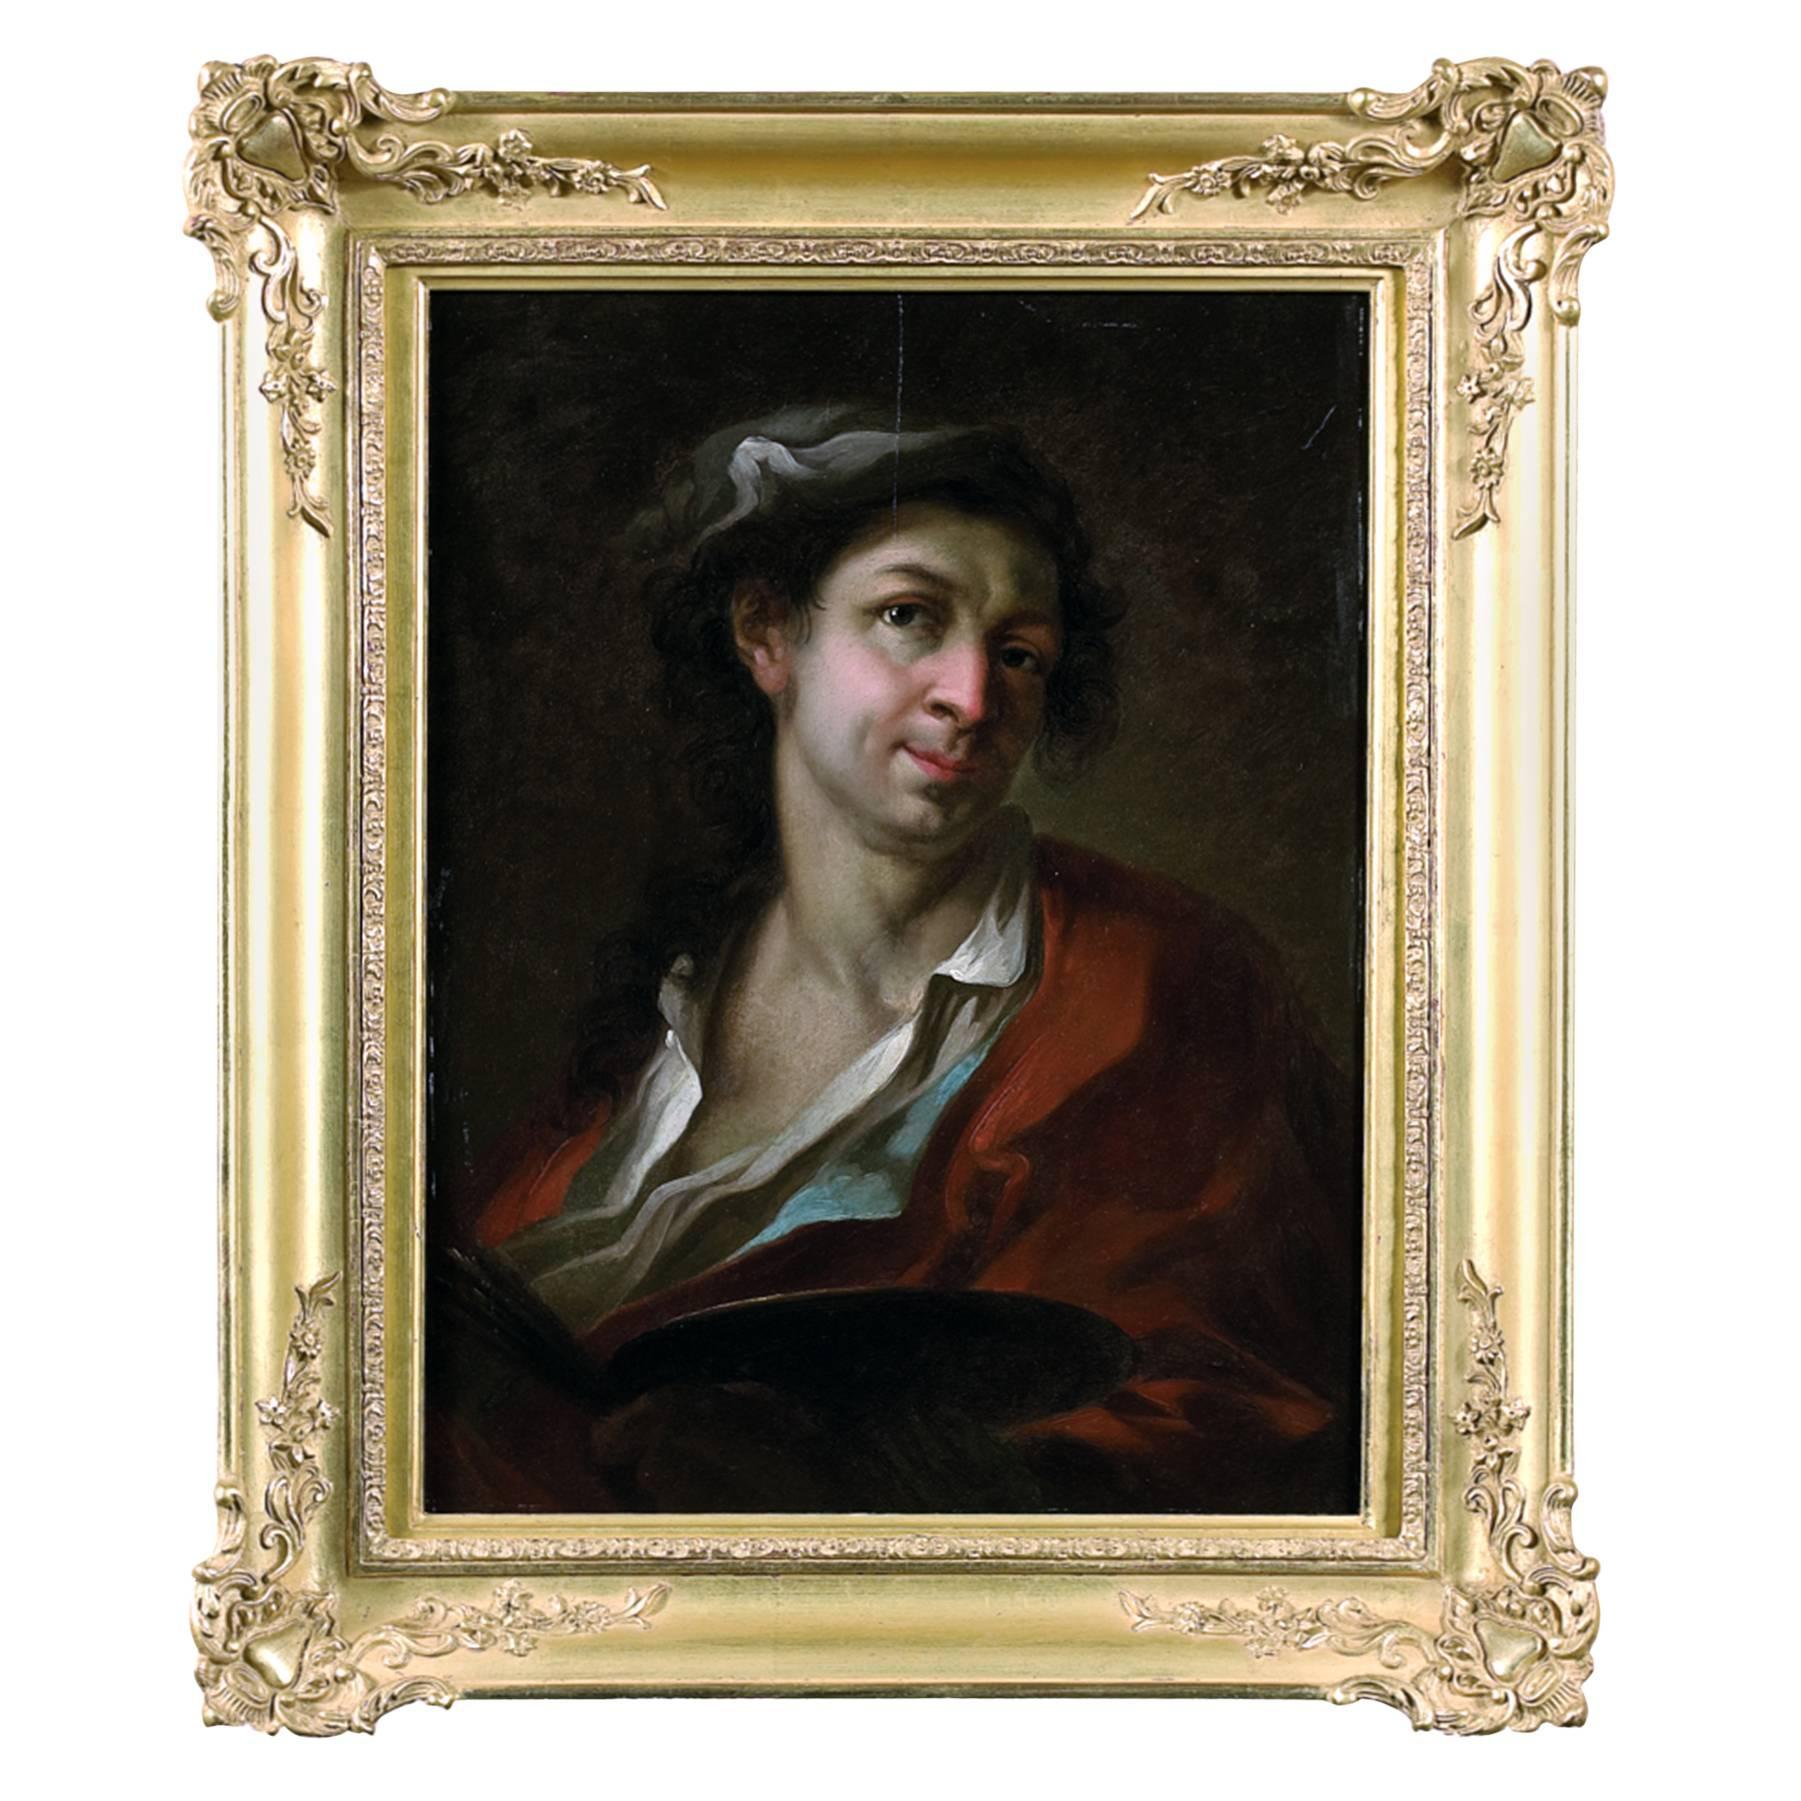 Rare 18th Italian Old Master Auto Portrait of the Artist, Rococo Style, Signed